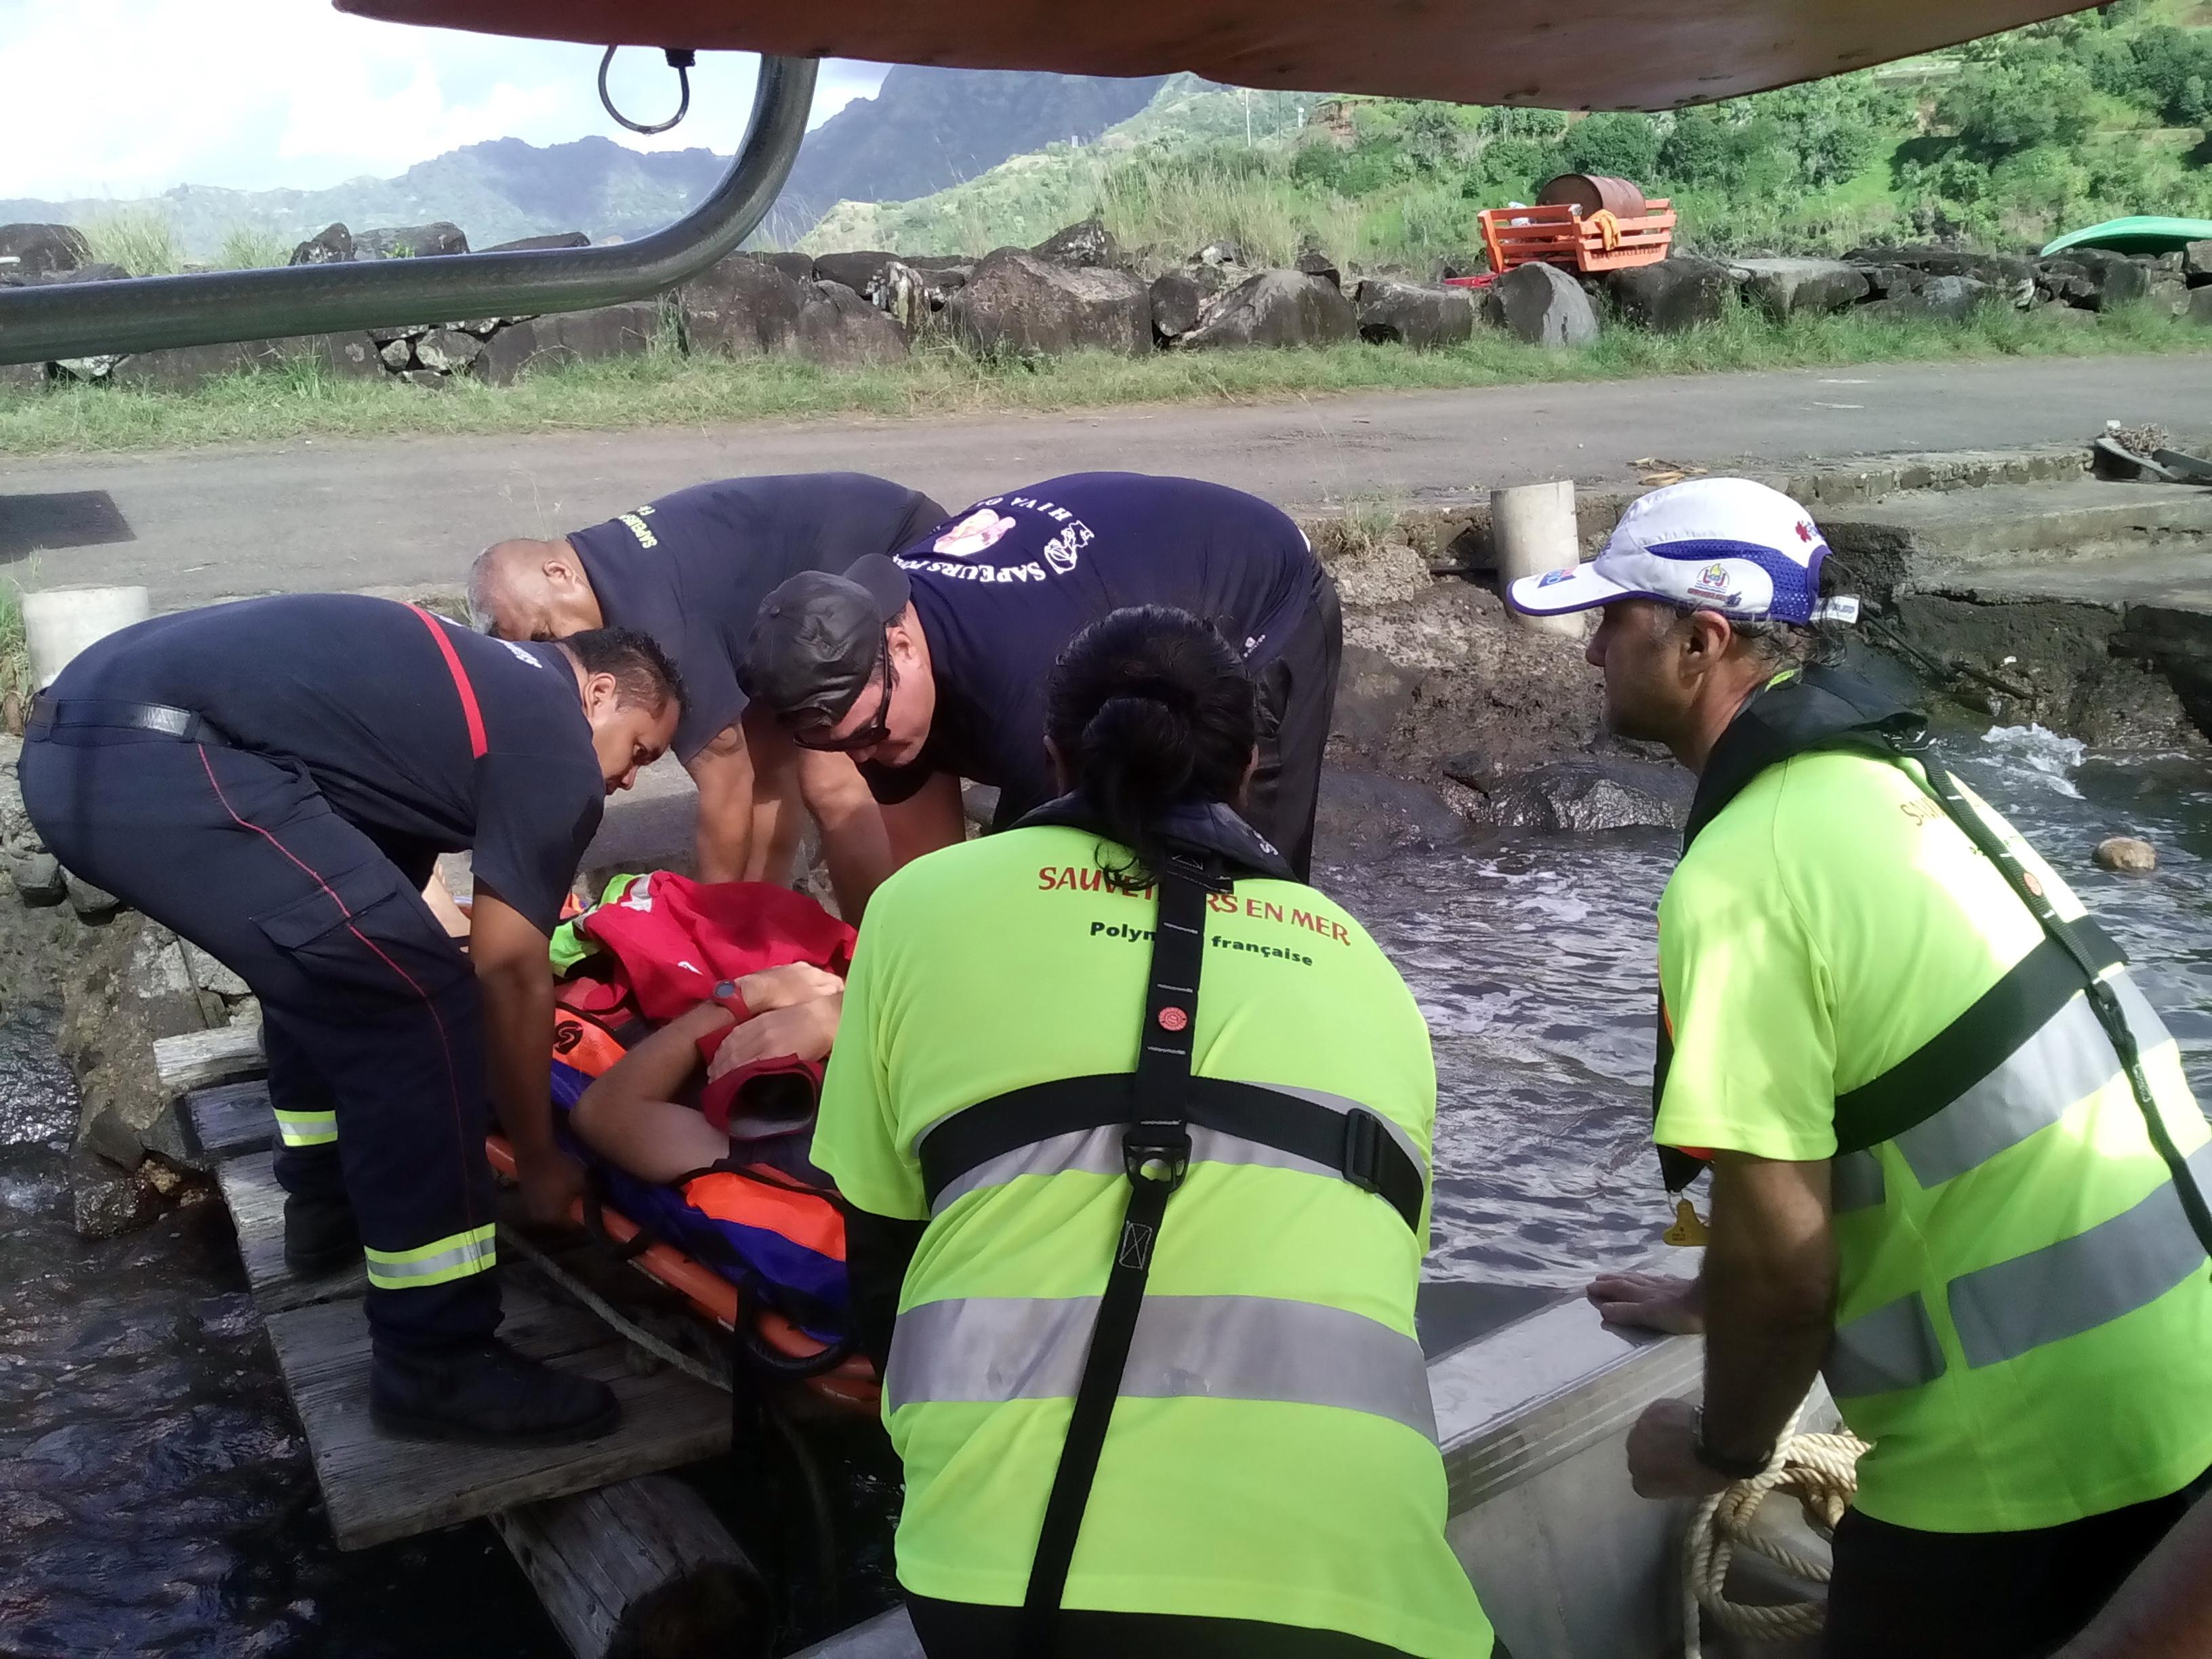 La personne souffrante a ensuite été prise en charge, à quai, par le véhicule de secours et d'assistance aux victimes (VSAV) des sapeurs-pompiers pour rejoindre le dispensaire d'Hiva Oa